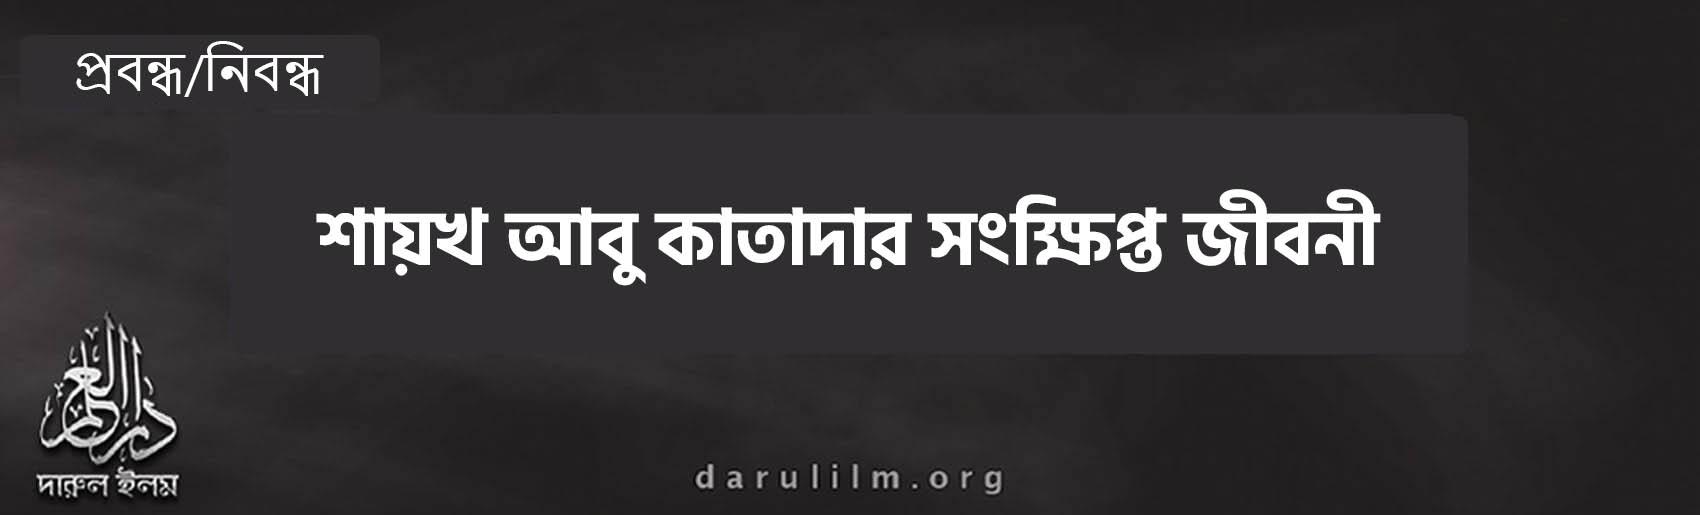 শায়খ আবু কাতাদার সংক্ষিপ্ত জীবনী